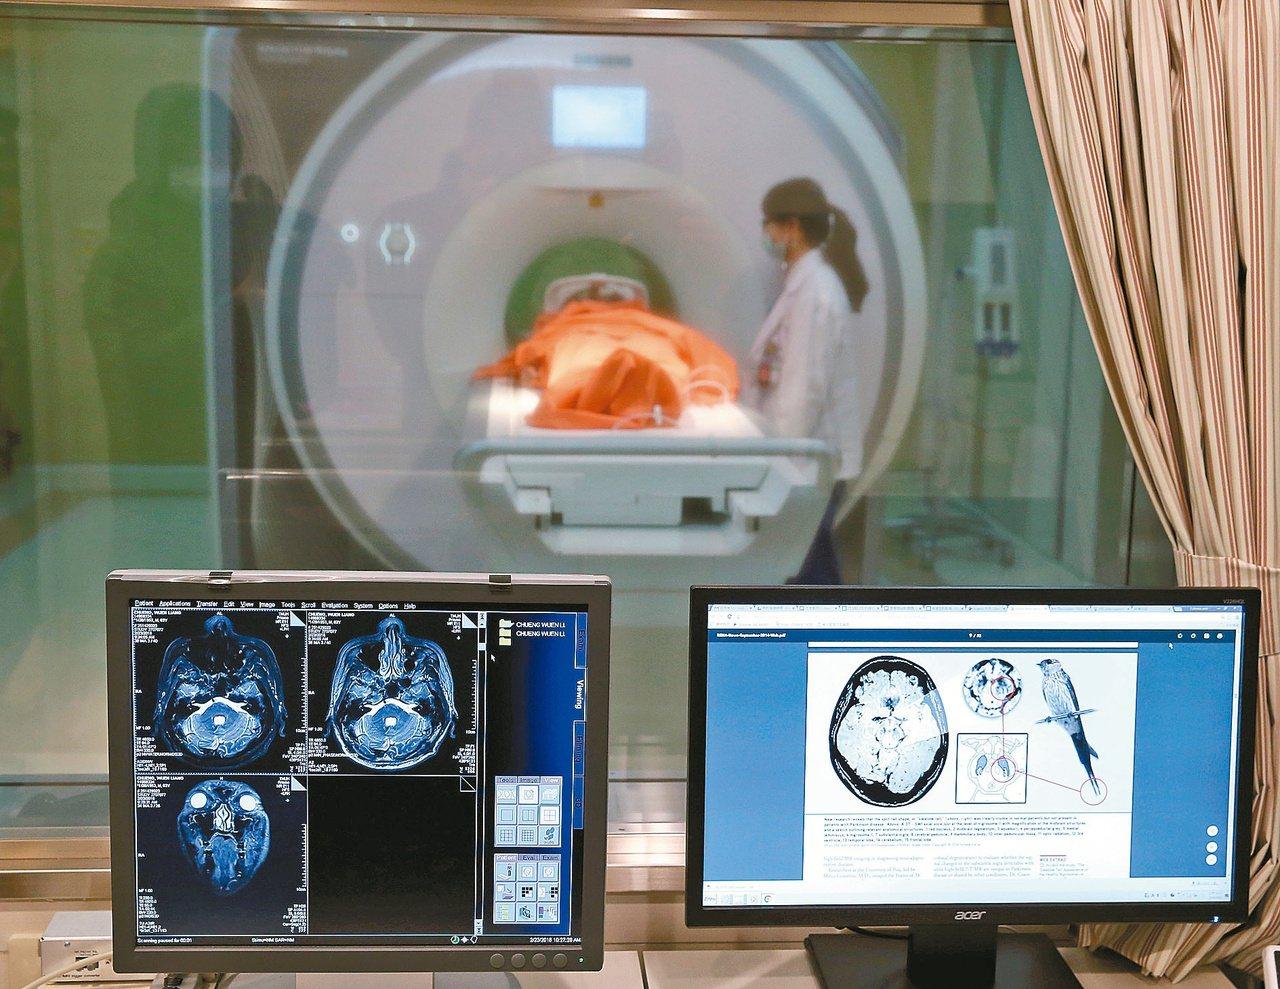 高梯度3TMRI磁振造影儀可檢查巴金森氏症,為非侵入性、無游離幅射影像檢查,無須...